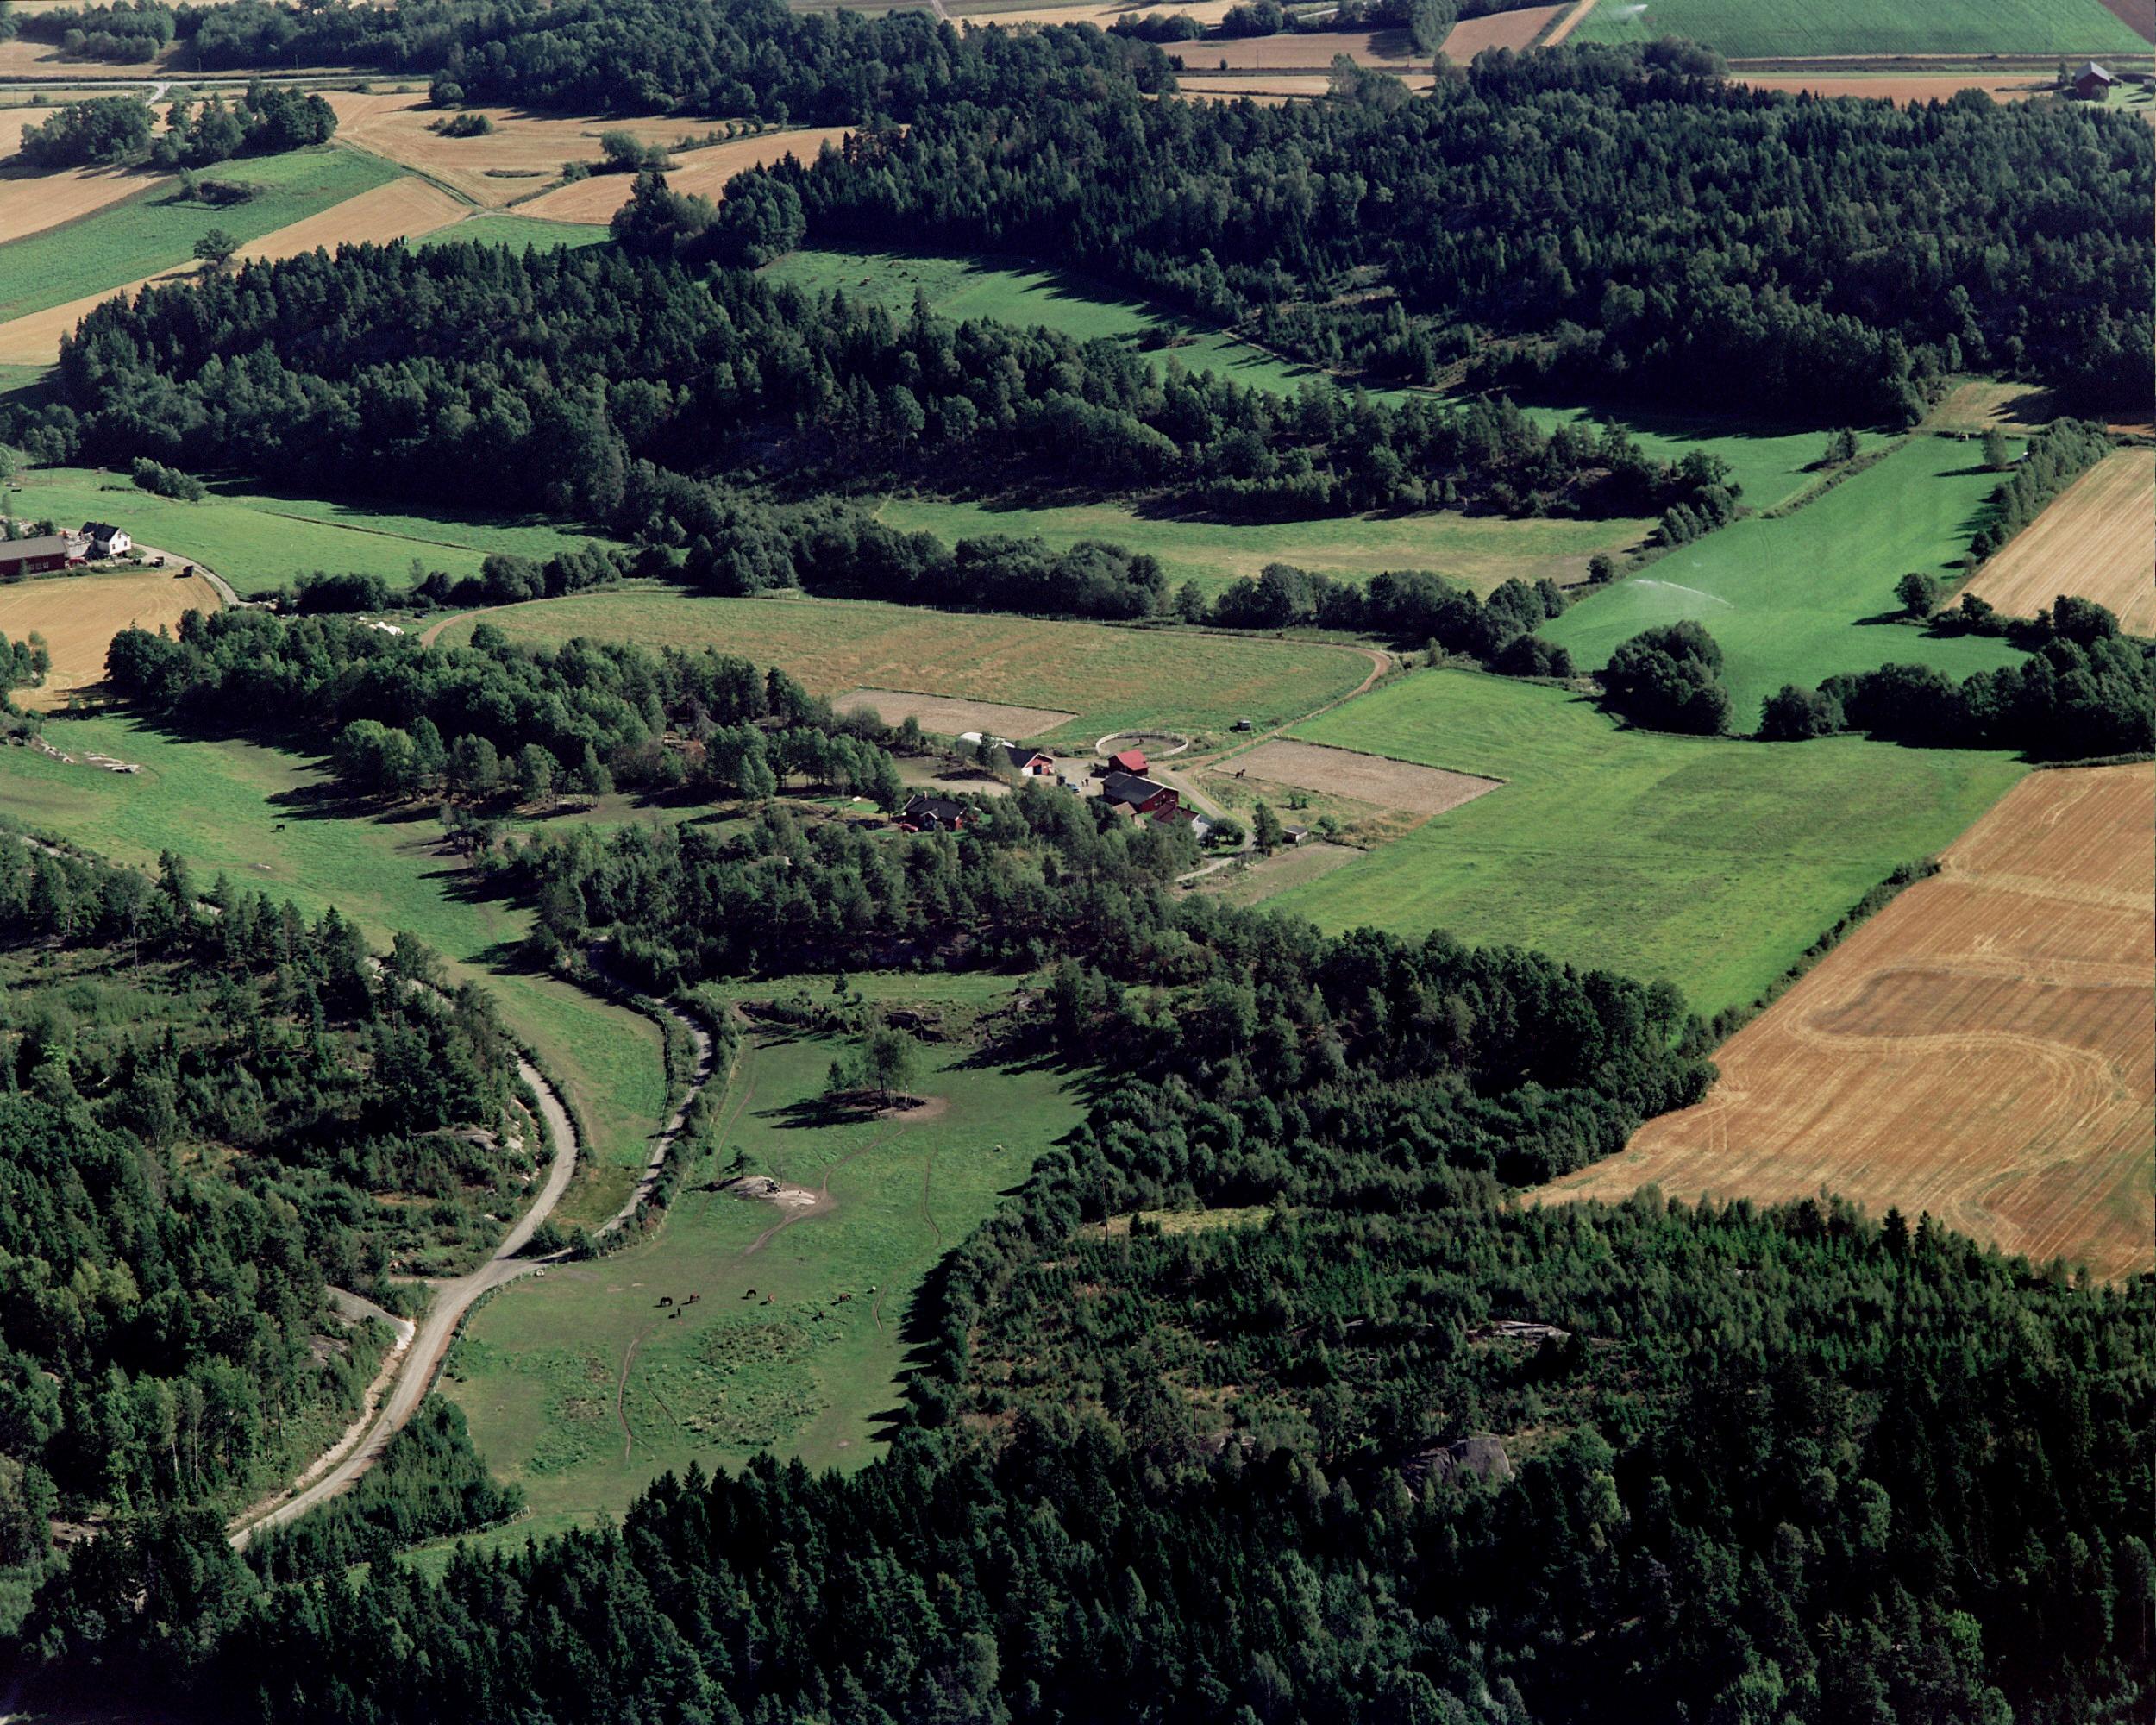 Unghestsenteret i Vestfold sett fra luften